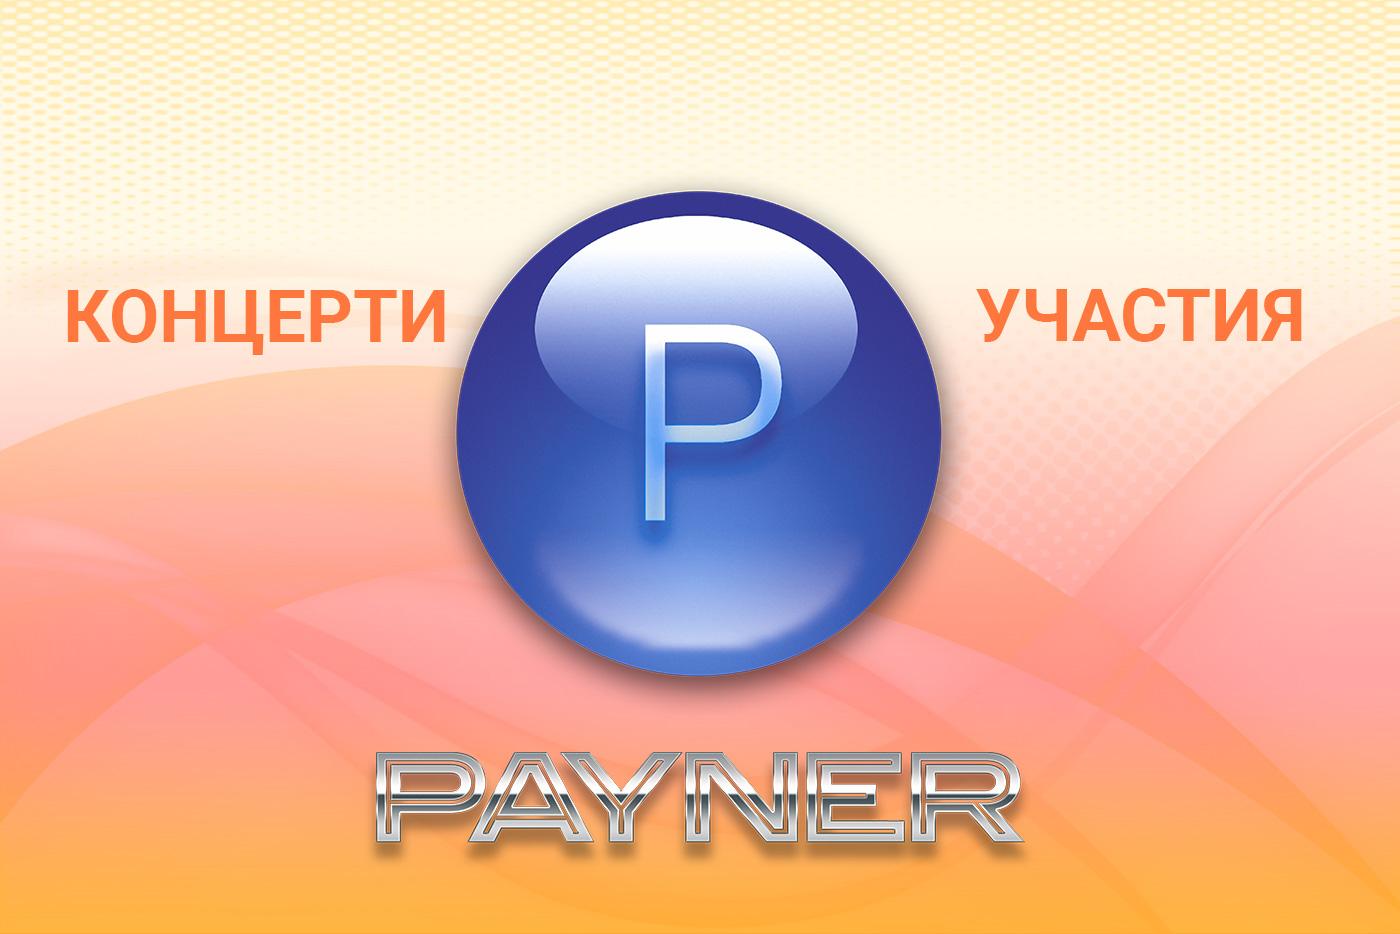 """Участия на звездите на """"Пайнер"""" на 15.03.2019"""